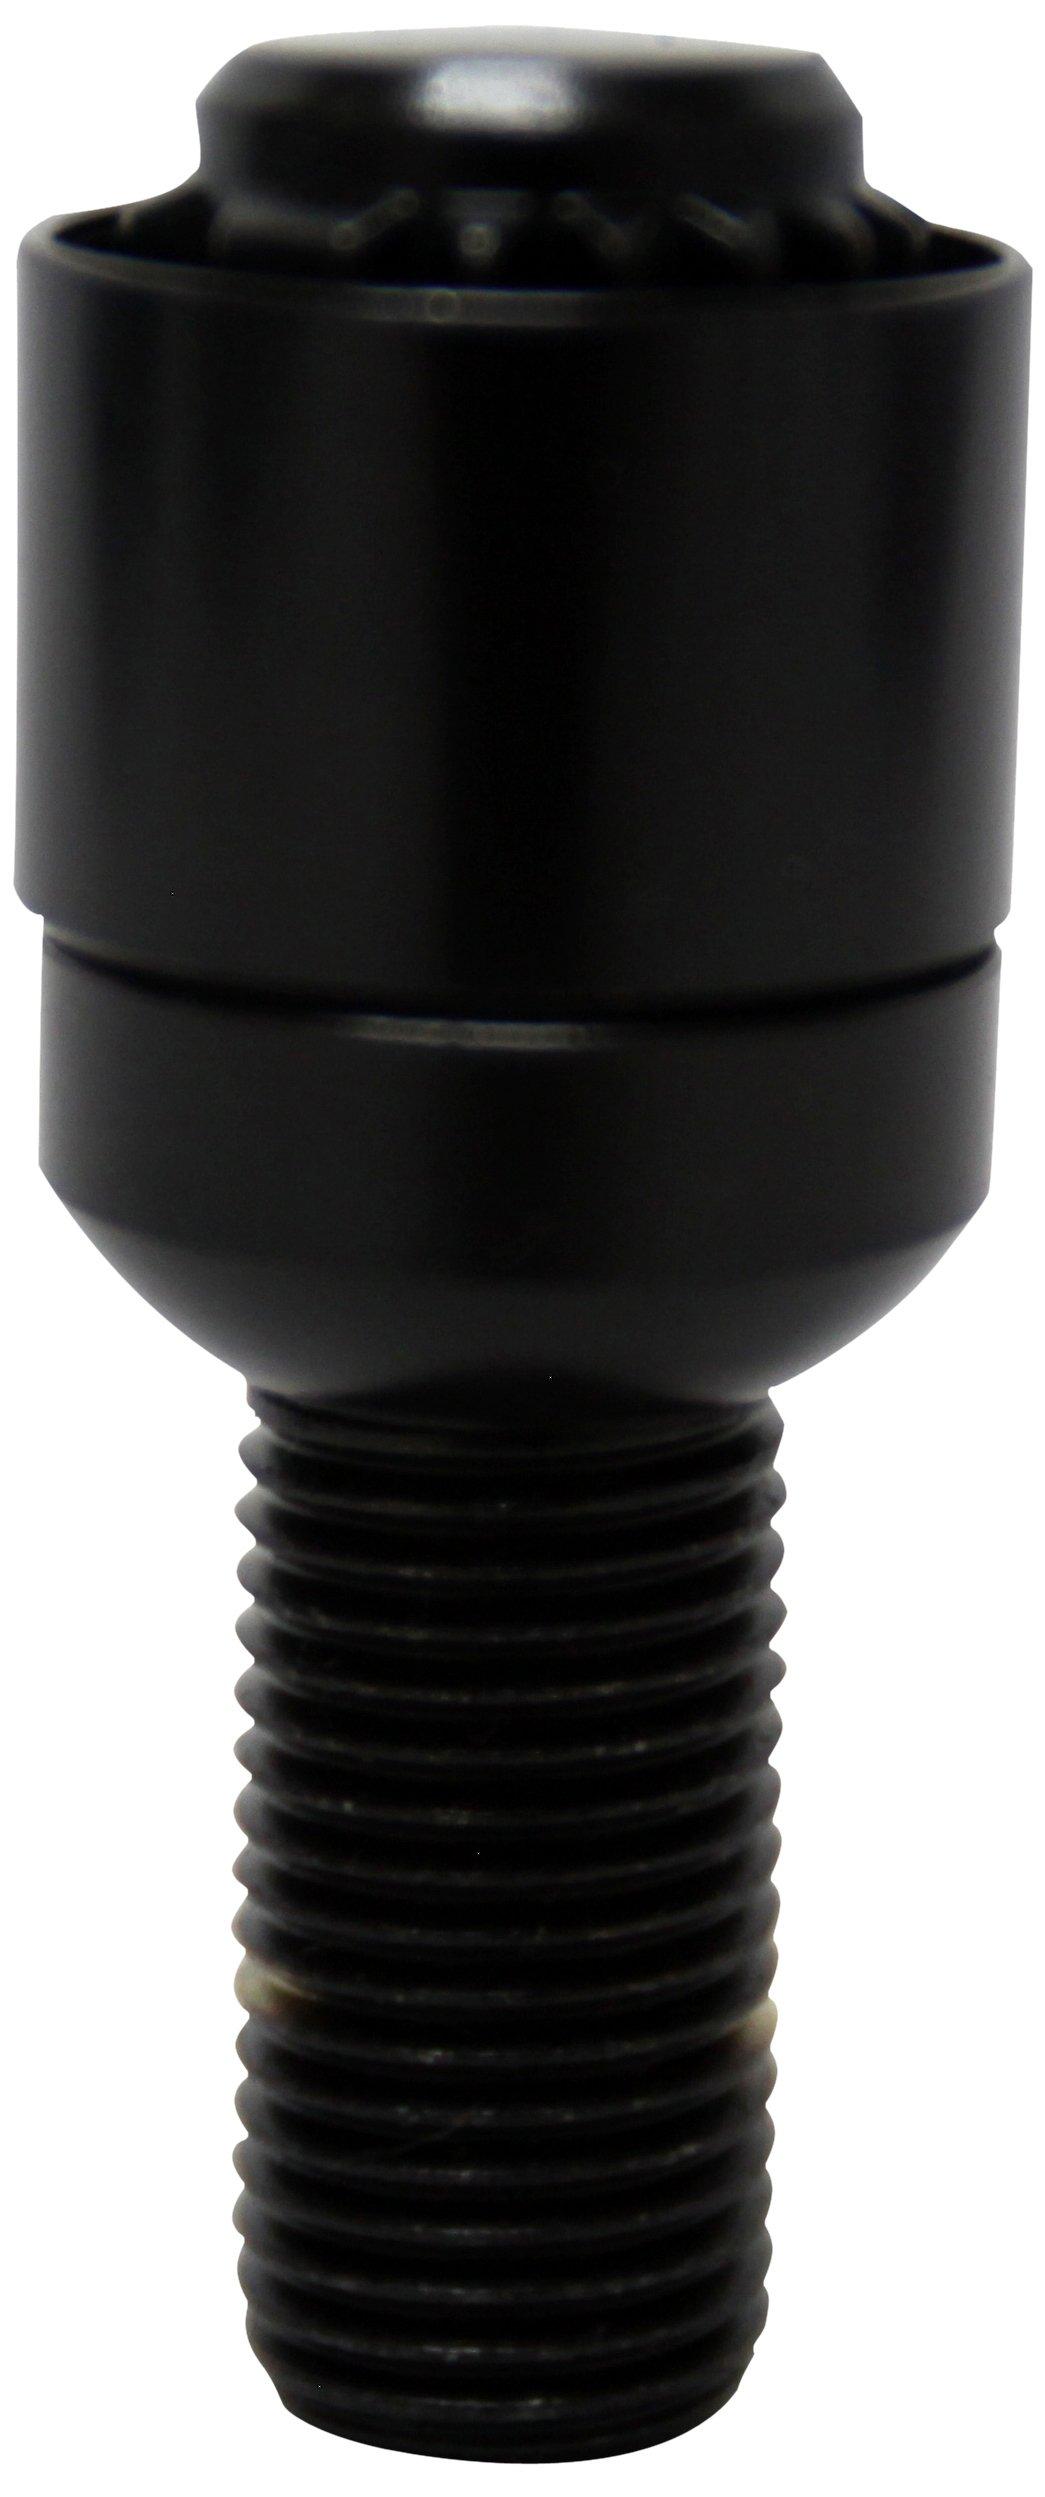 Kics WR630B40 Bull Lock Black 40mm (14mm x 1.5 Thread Size) RE Guard Lock Bolt Set